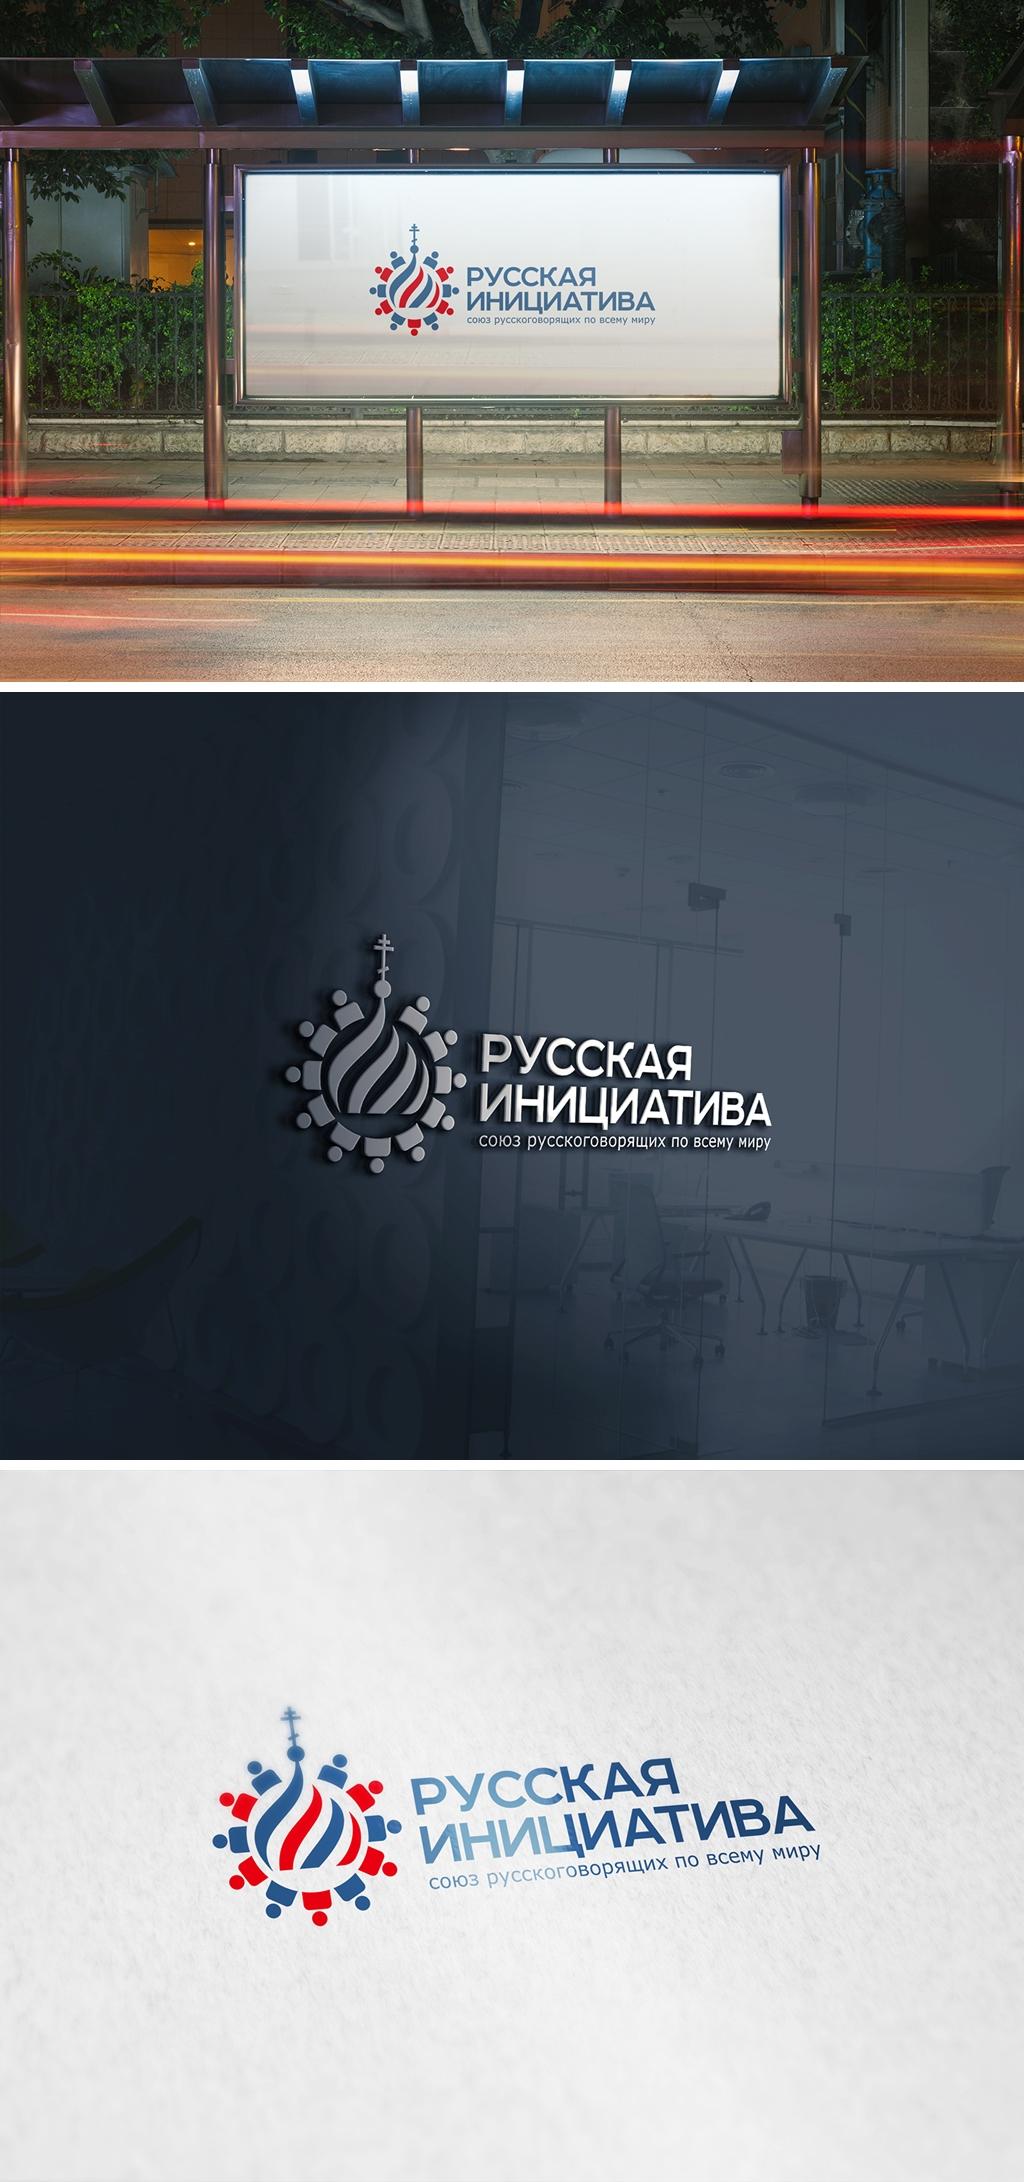 Разработать логотип для организации фото f_2765ebfc2f0527af.jpg